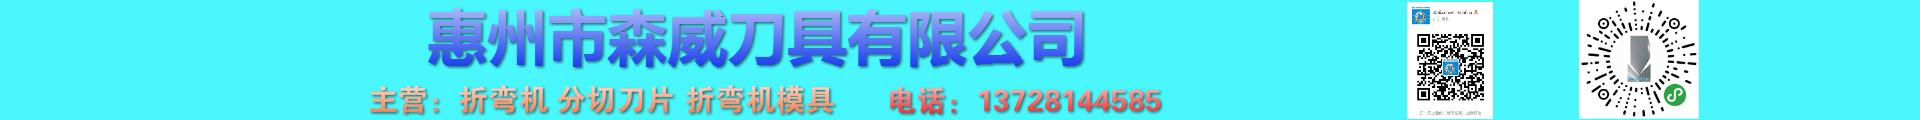 惠州市仲恺高新区陈江森威机械销售部